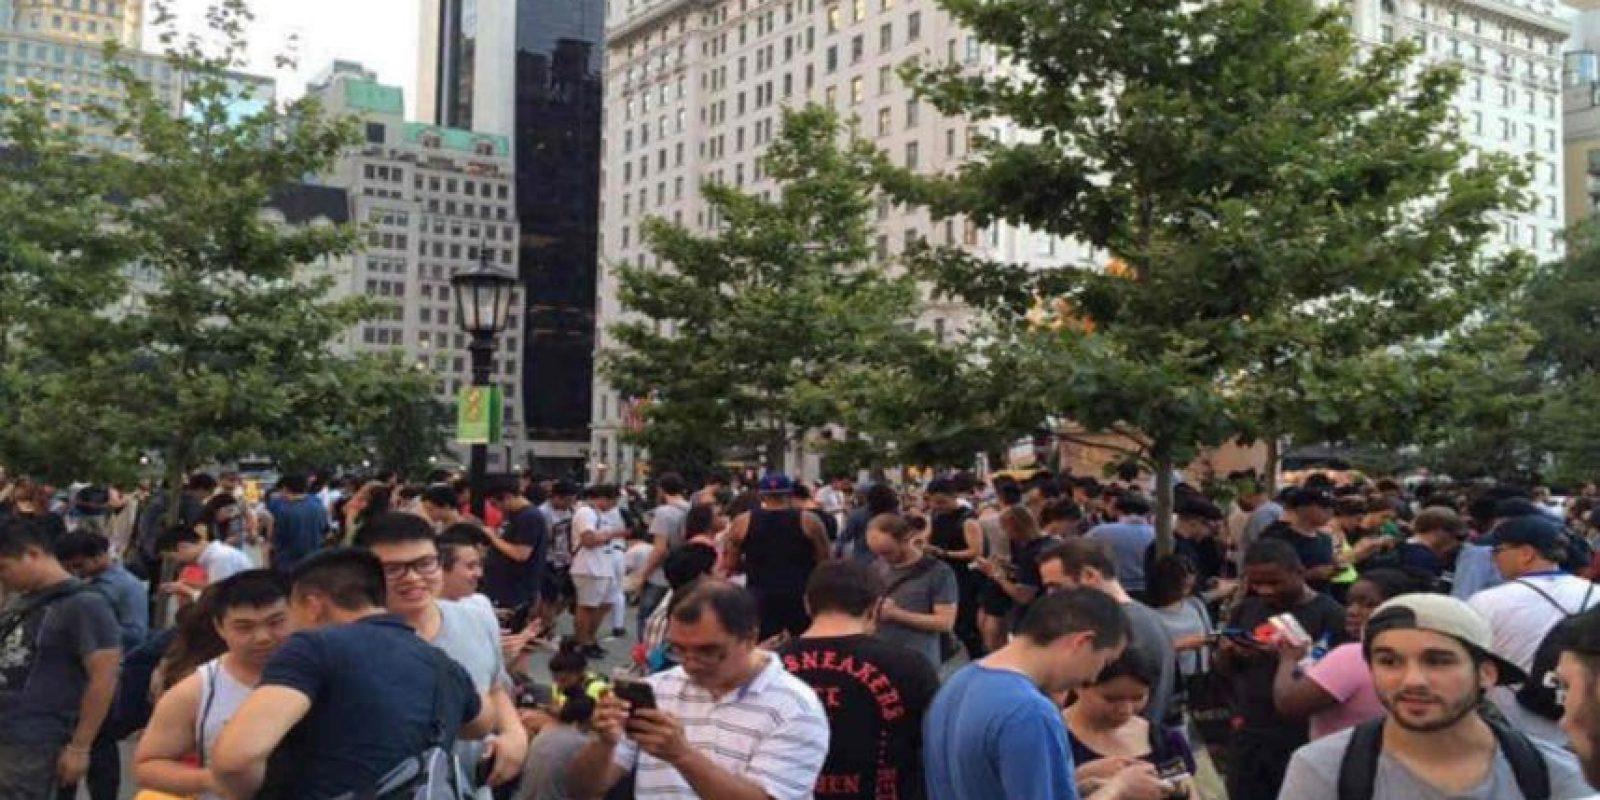 Gente de todas las culturas jugando en Central Park. Foto:Twitter